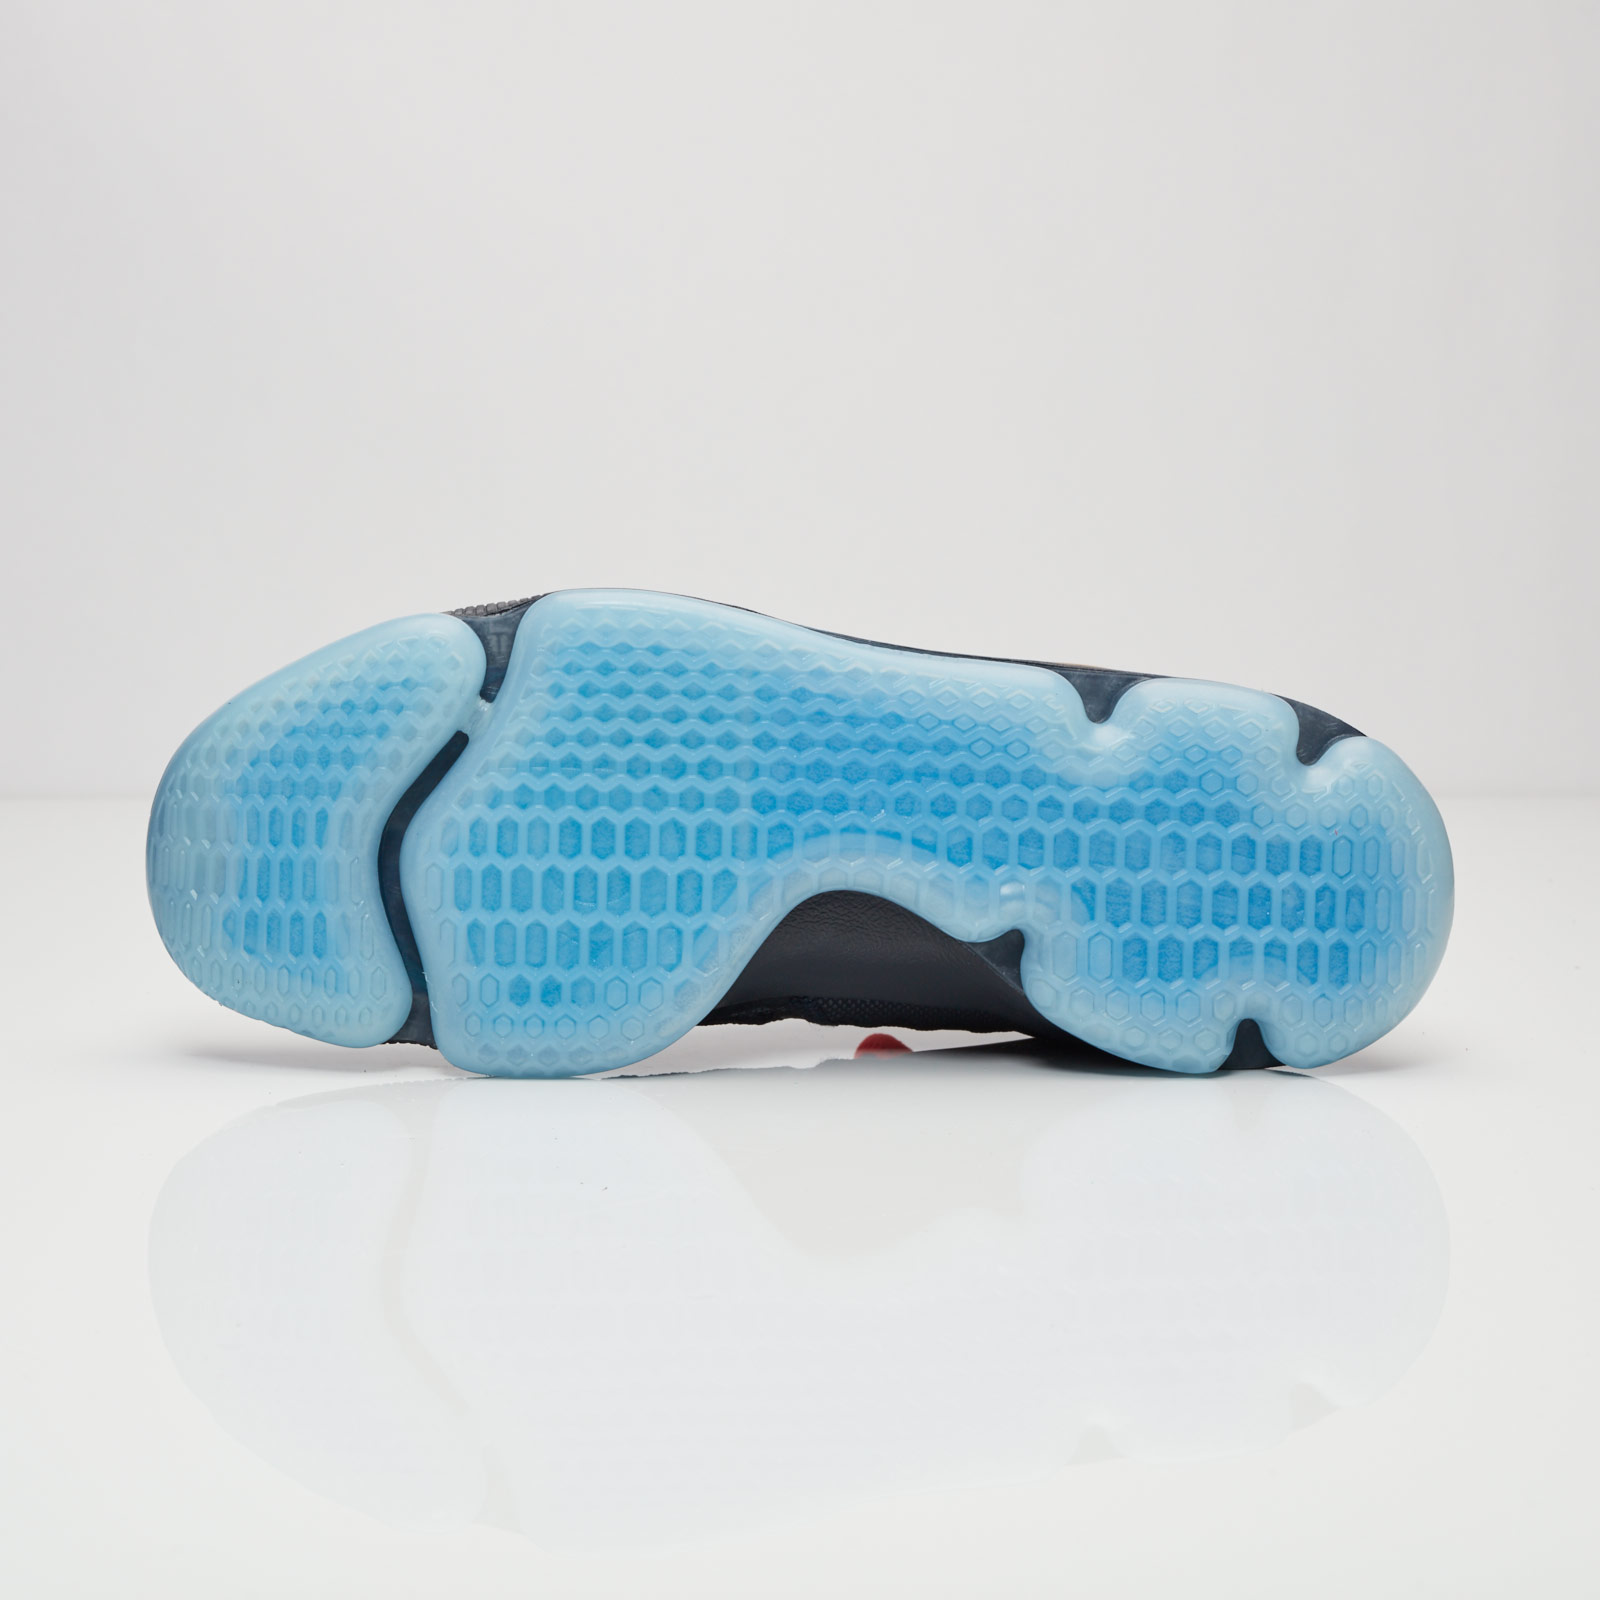 d15e6d22312 Nike Zoom KD 9 Limited - 843396-470 - Sneakersnstuff